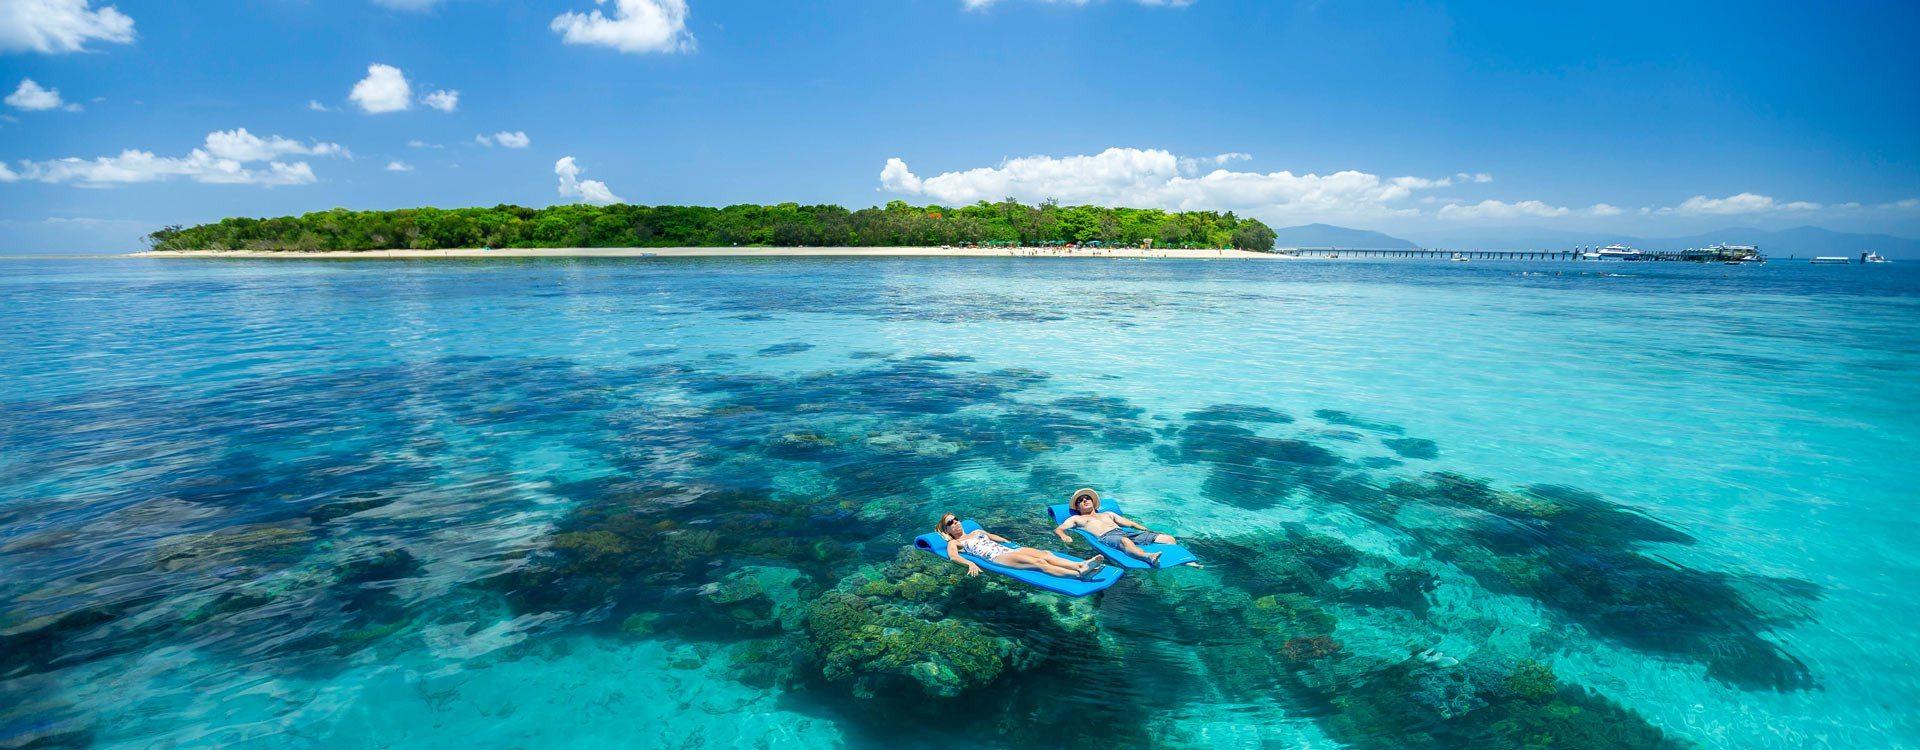 Great Barrier Reef Snorkeling on Green Island